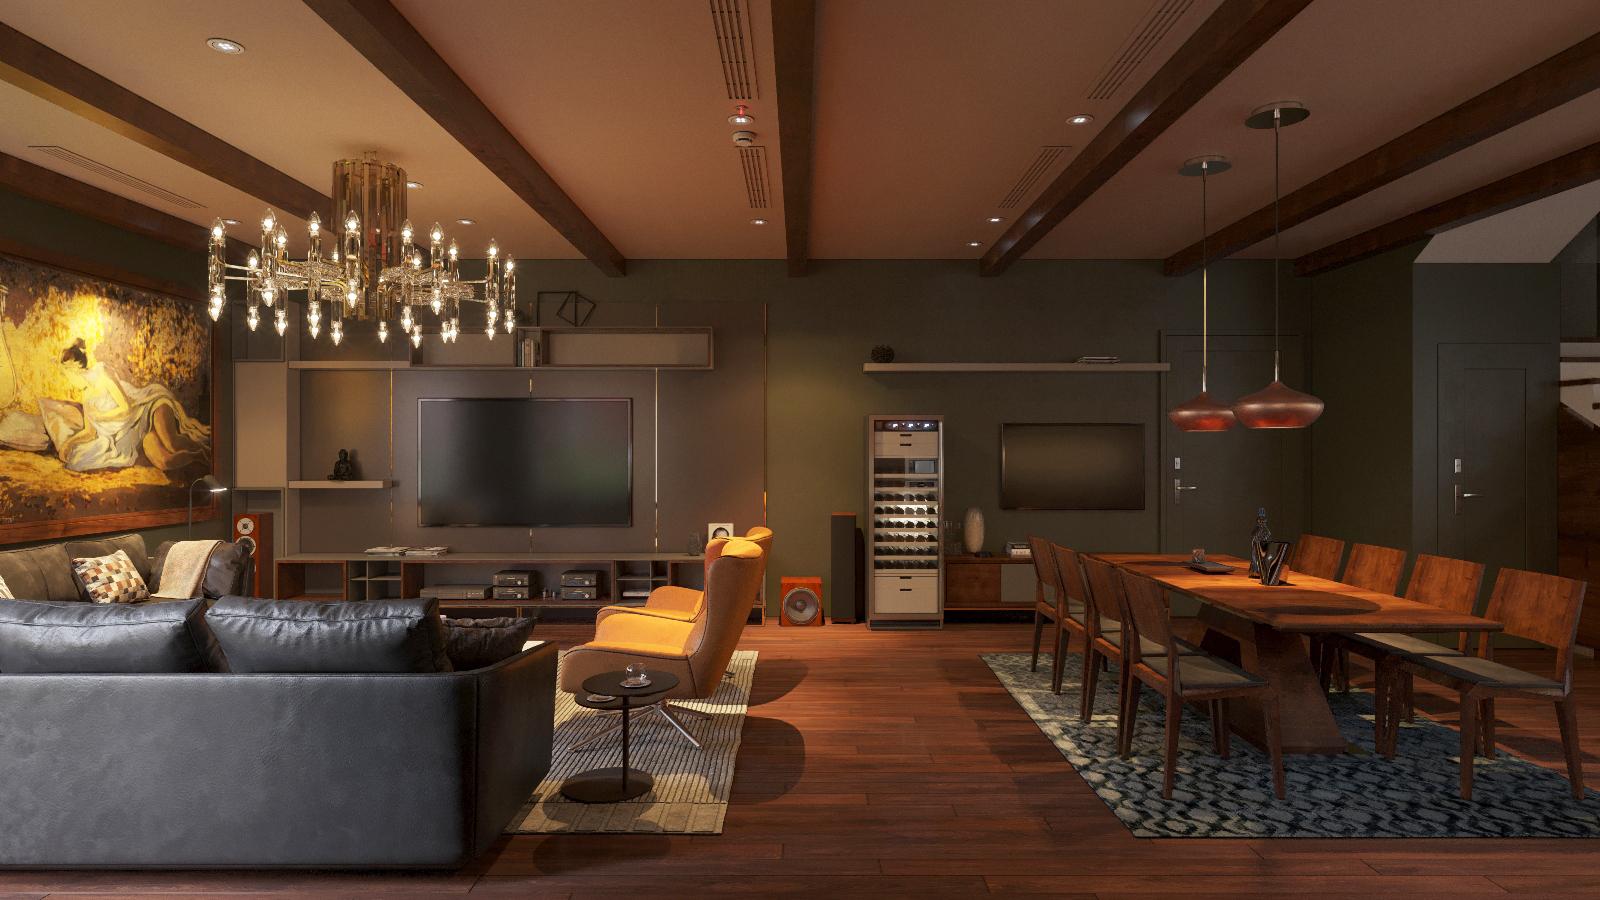 thiết kế Nội thất Biệt Thự 3 tầng biệt thự bt25 splendora mới (lakeside splendora)66